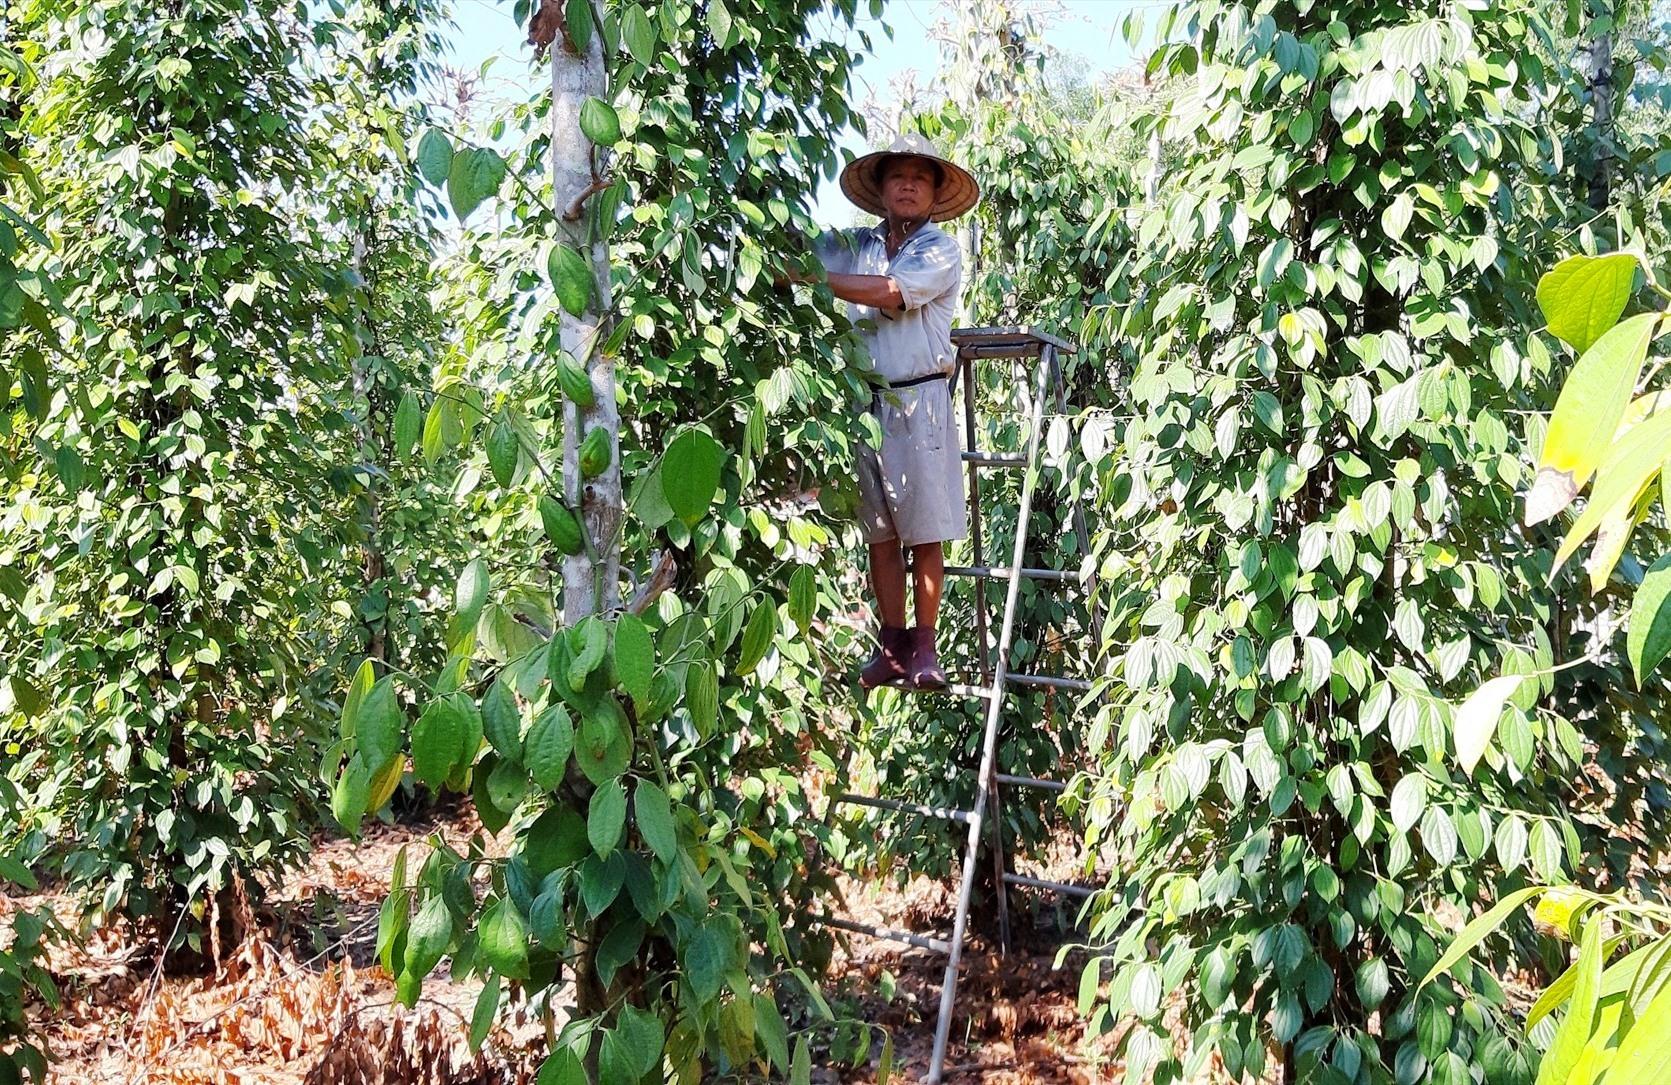 Những năm qua, lĩnh vực kinh tế vườn của Duy Thu có bước chuyển biến mạnh mẽ. Ảnh: T.P